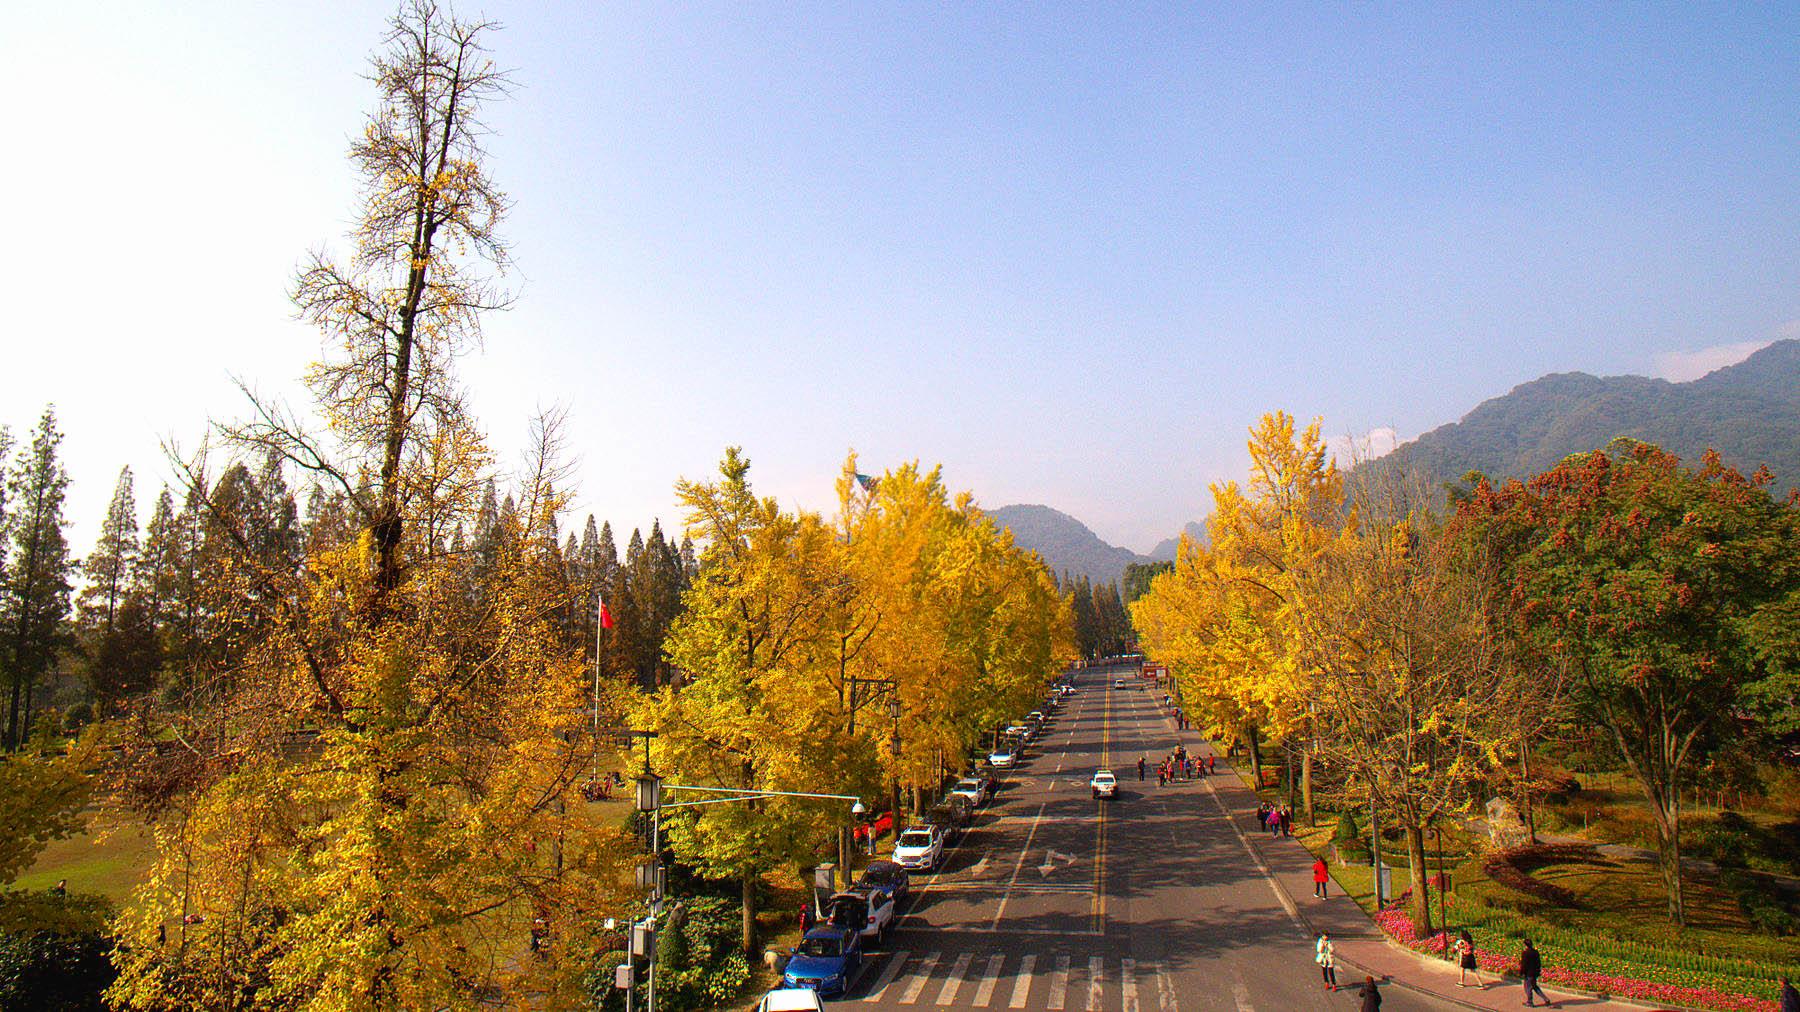 #航拍# 青城山银杏大道的金黄世界